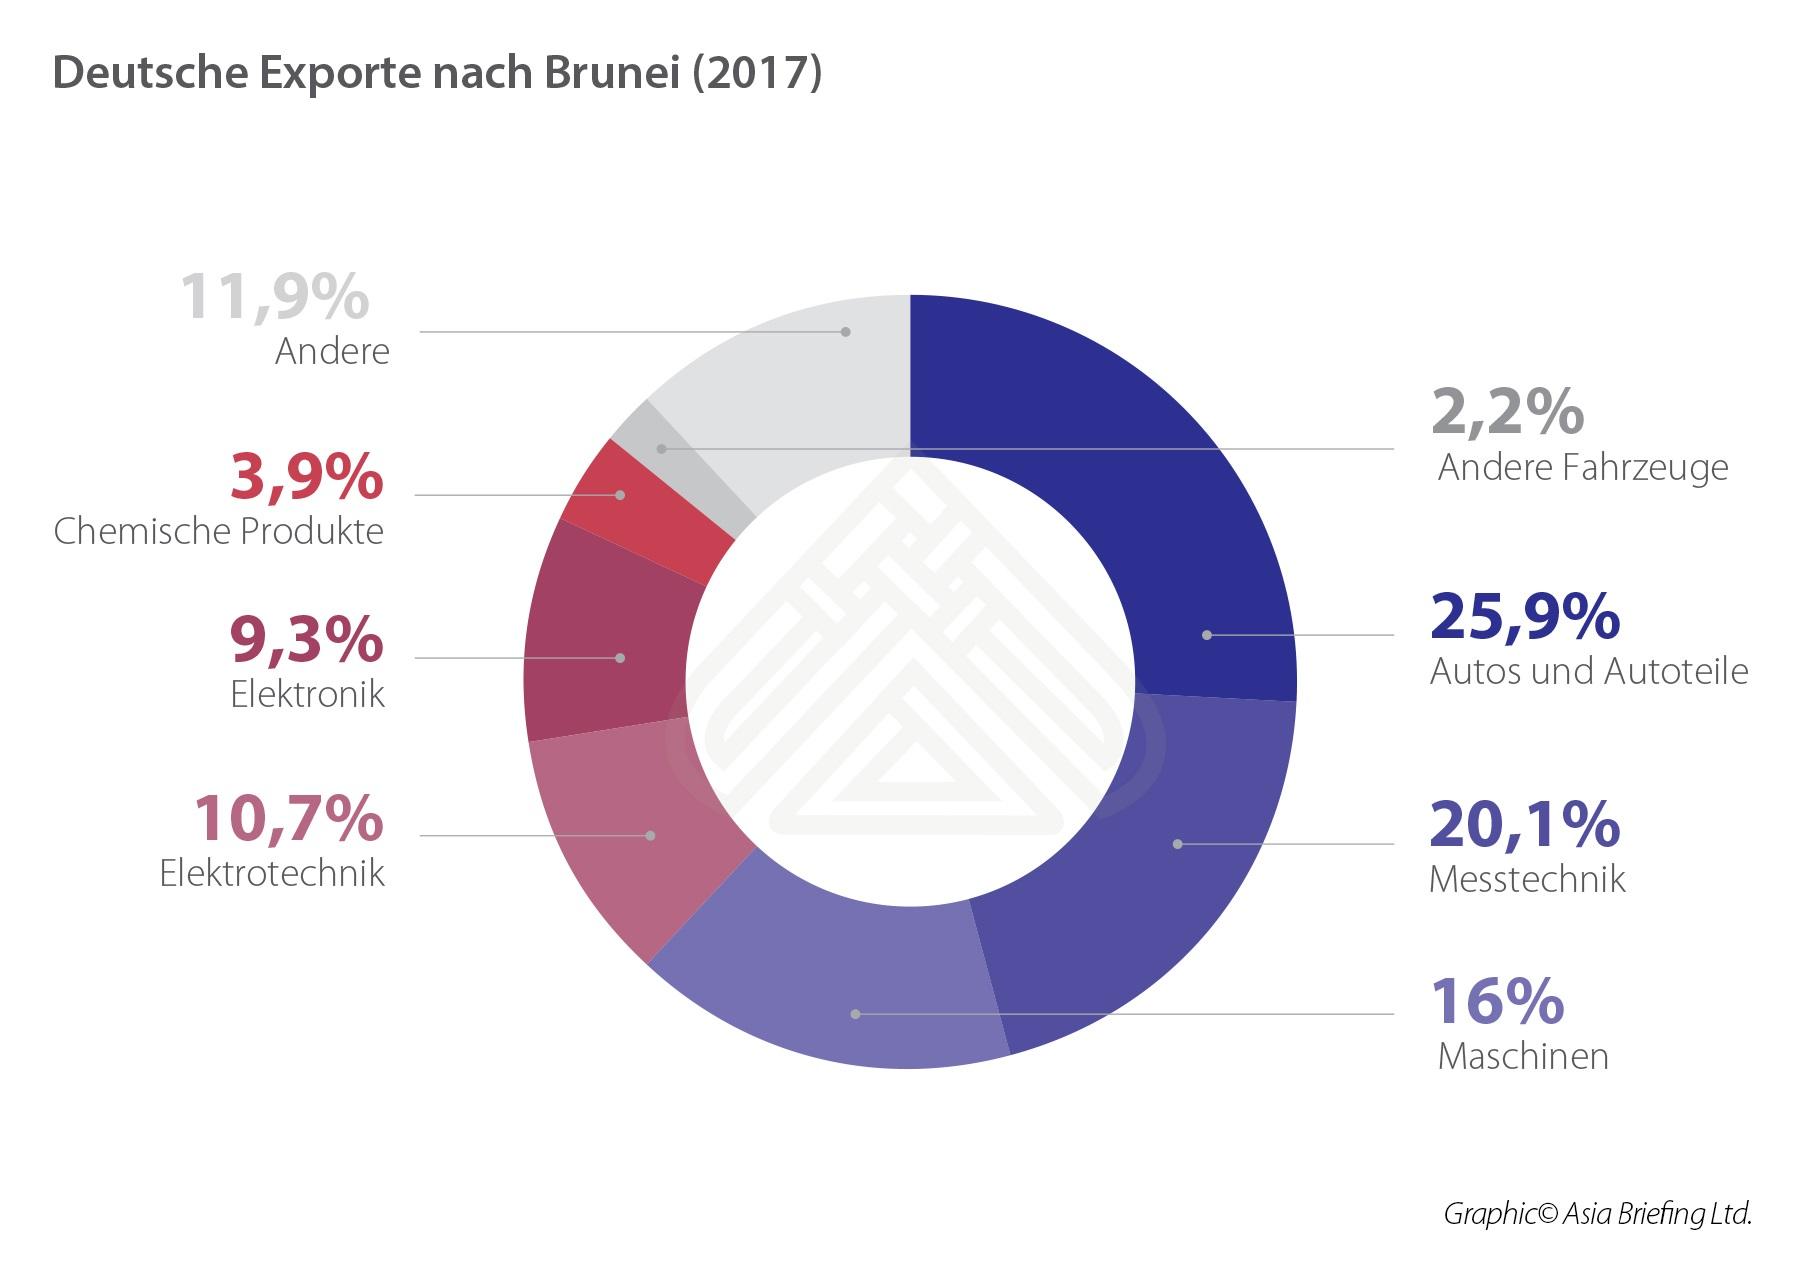 German Exports to Bruneii (2017)-GE